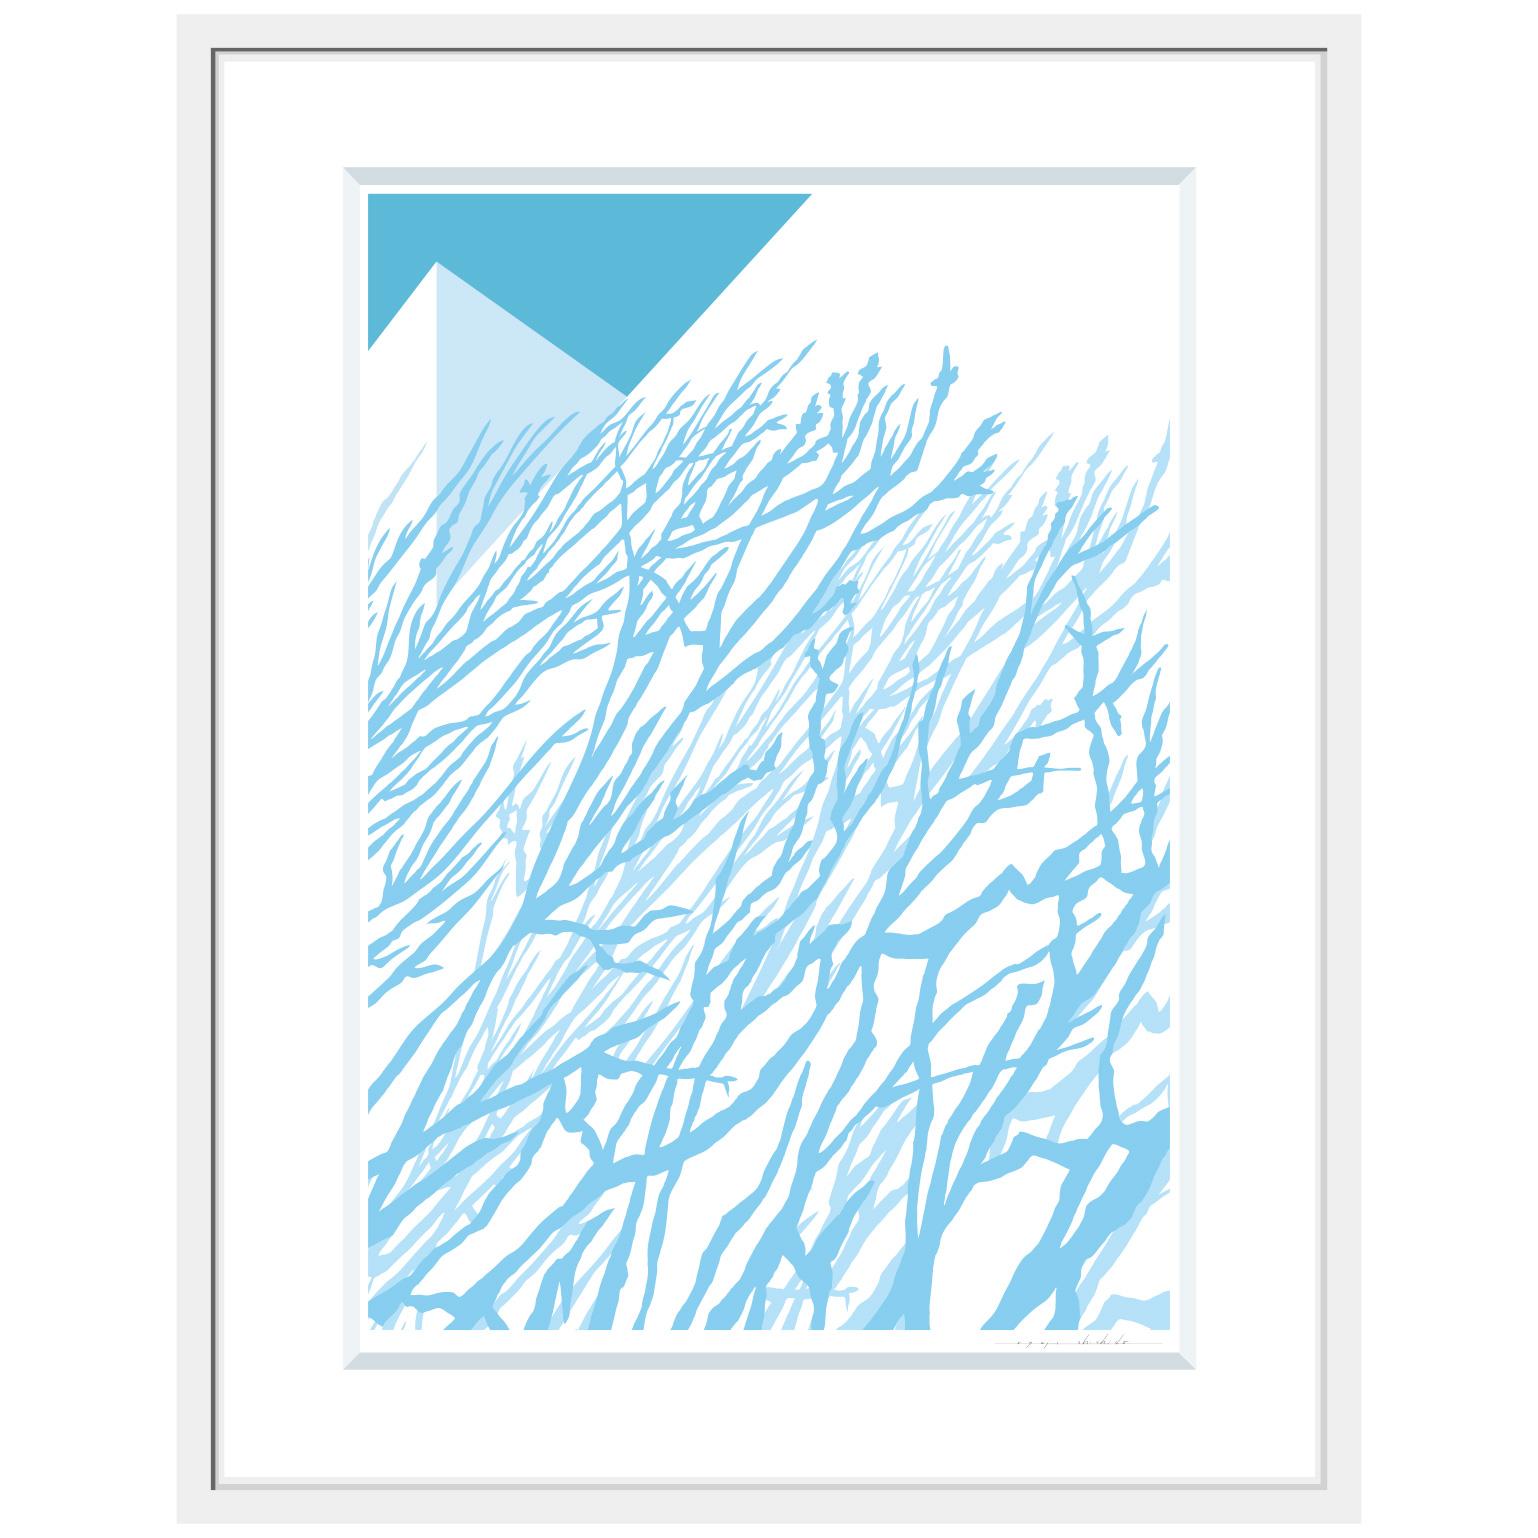 アート作品「ある青い晴天の日のできごと」【心の問題】相手を変えたいときはどうすれば良いのか